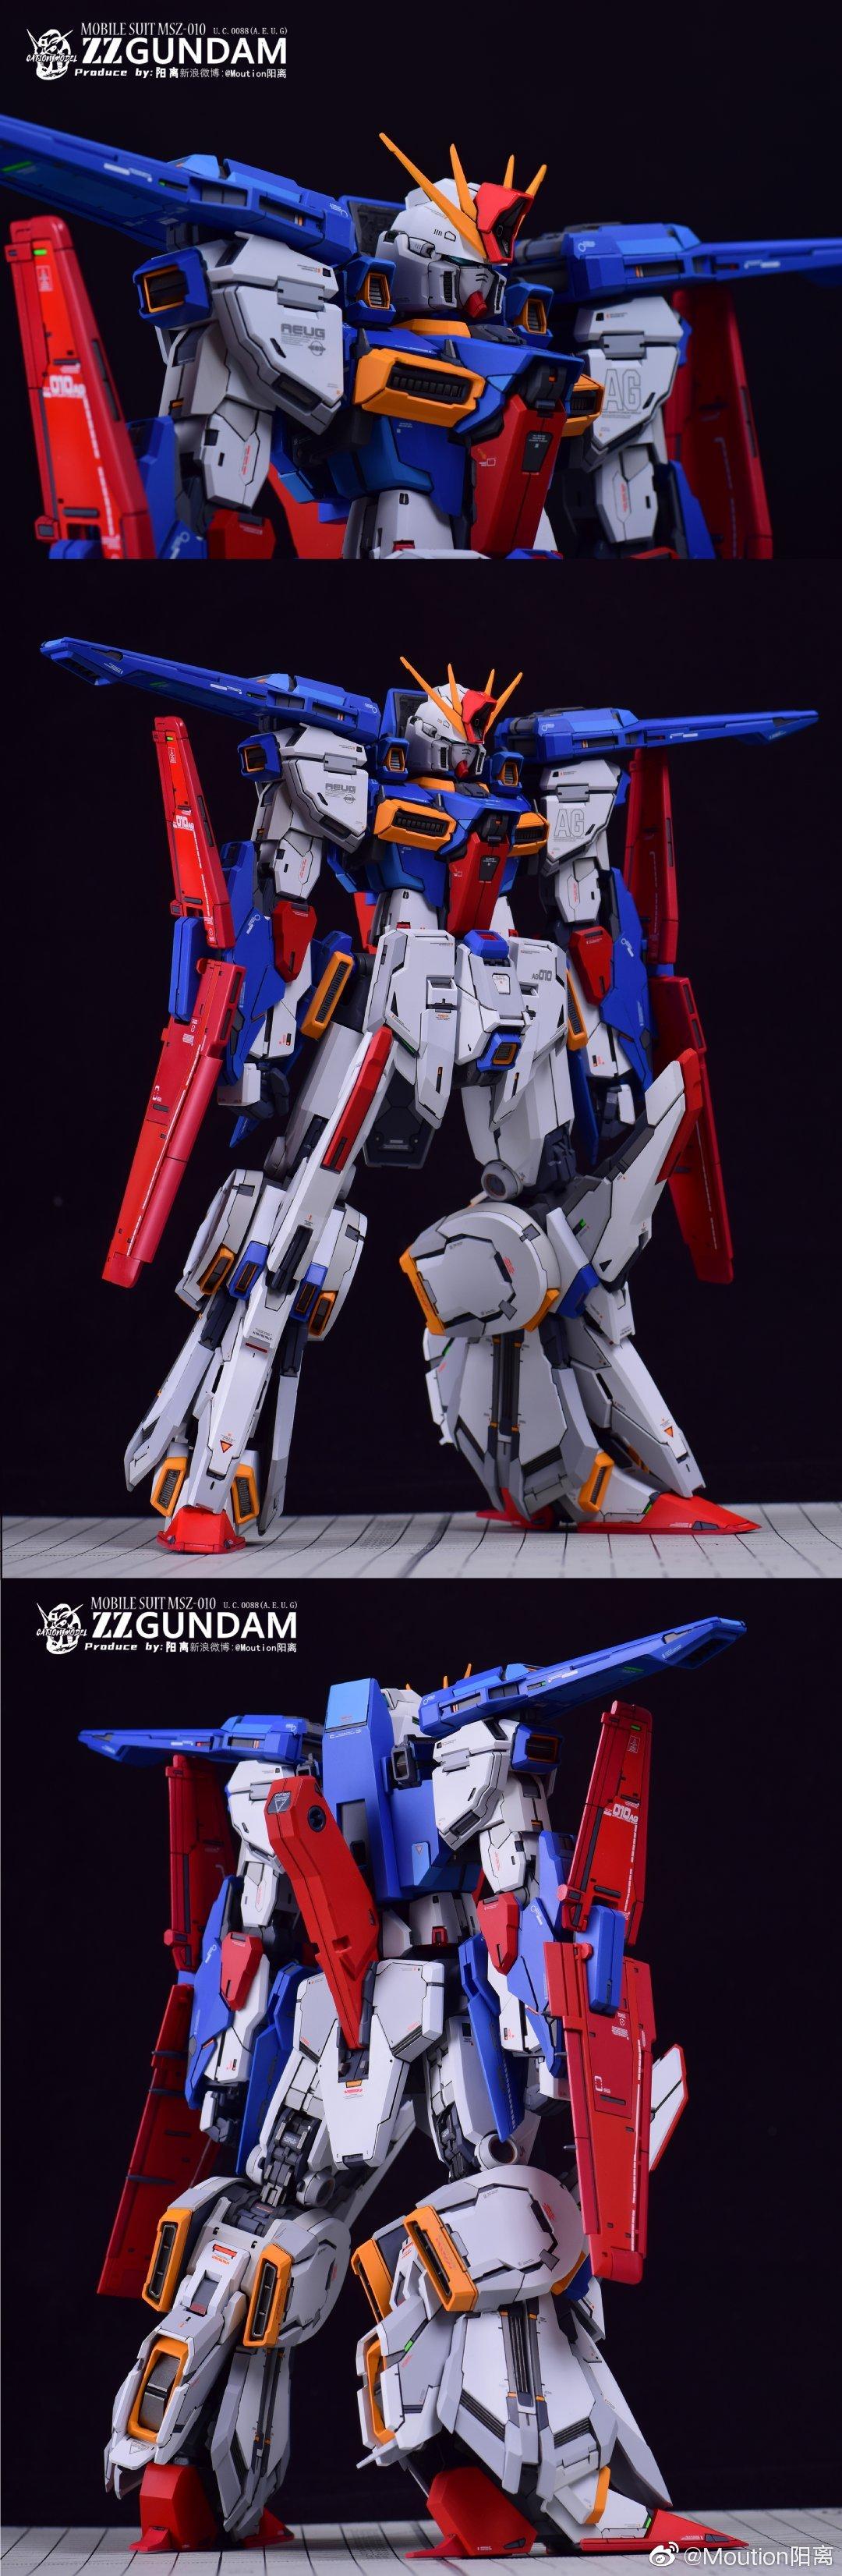 G480_ZZ_001.jpg